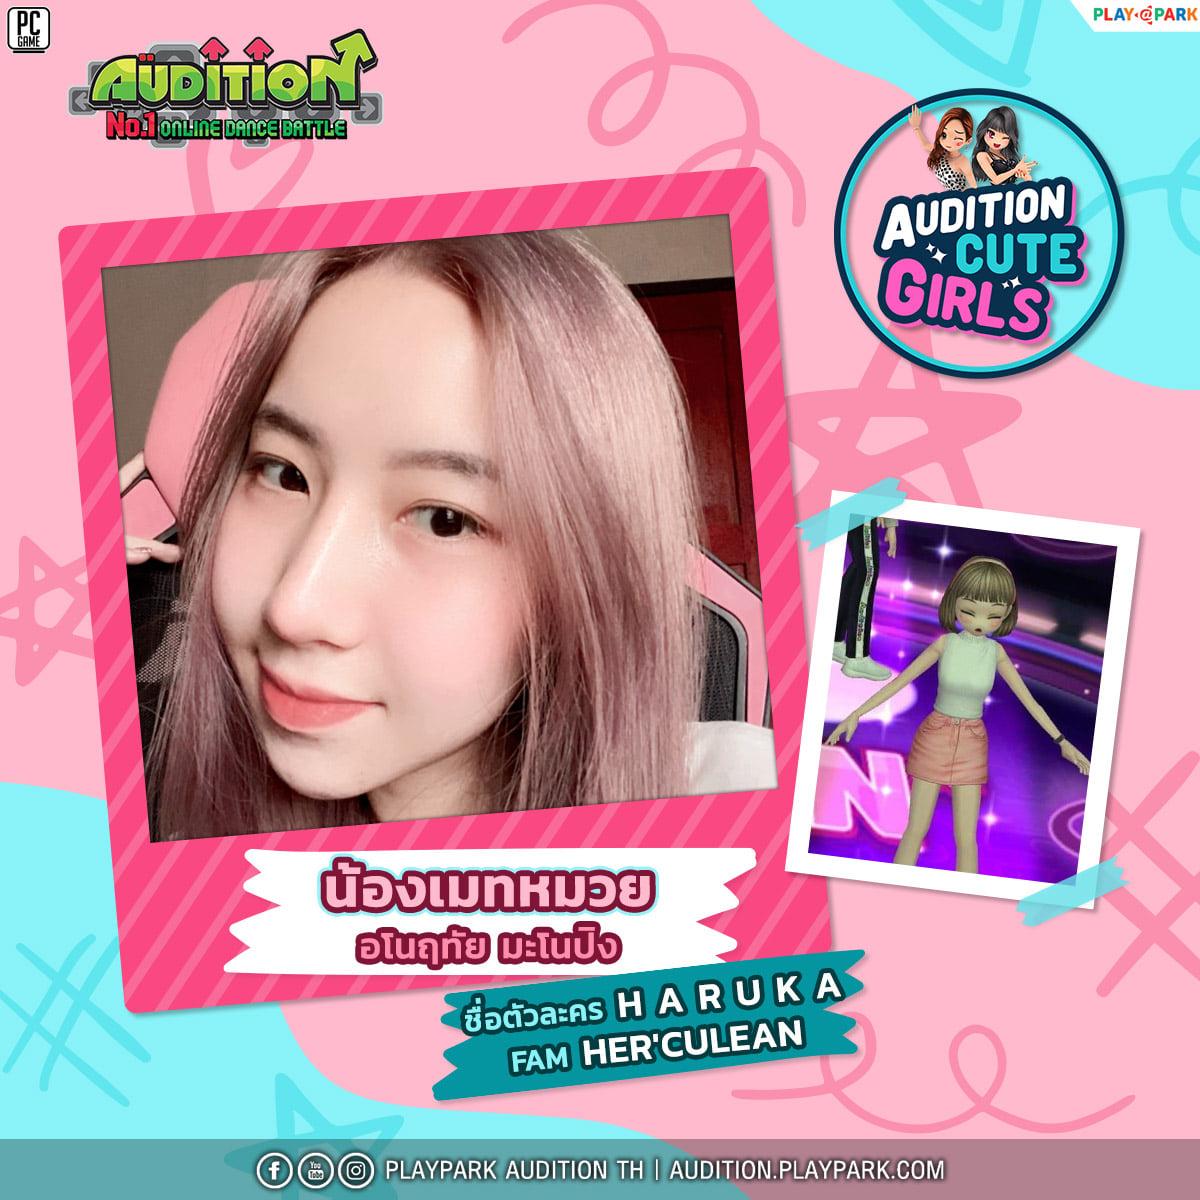 Vote สุดยอด หนุ่มสาว AUDITION Cute Boys & Girls 2021